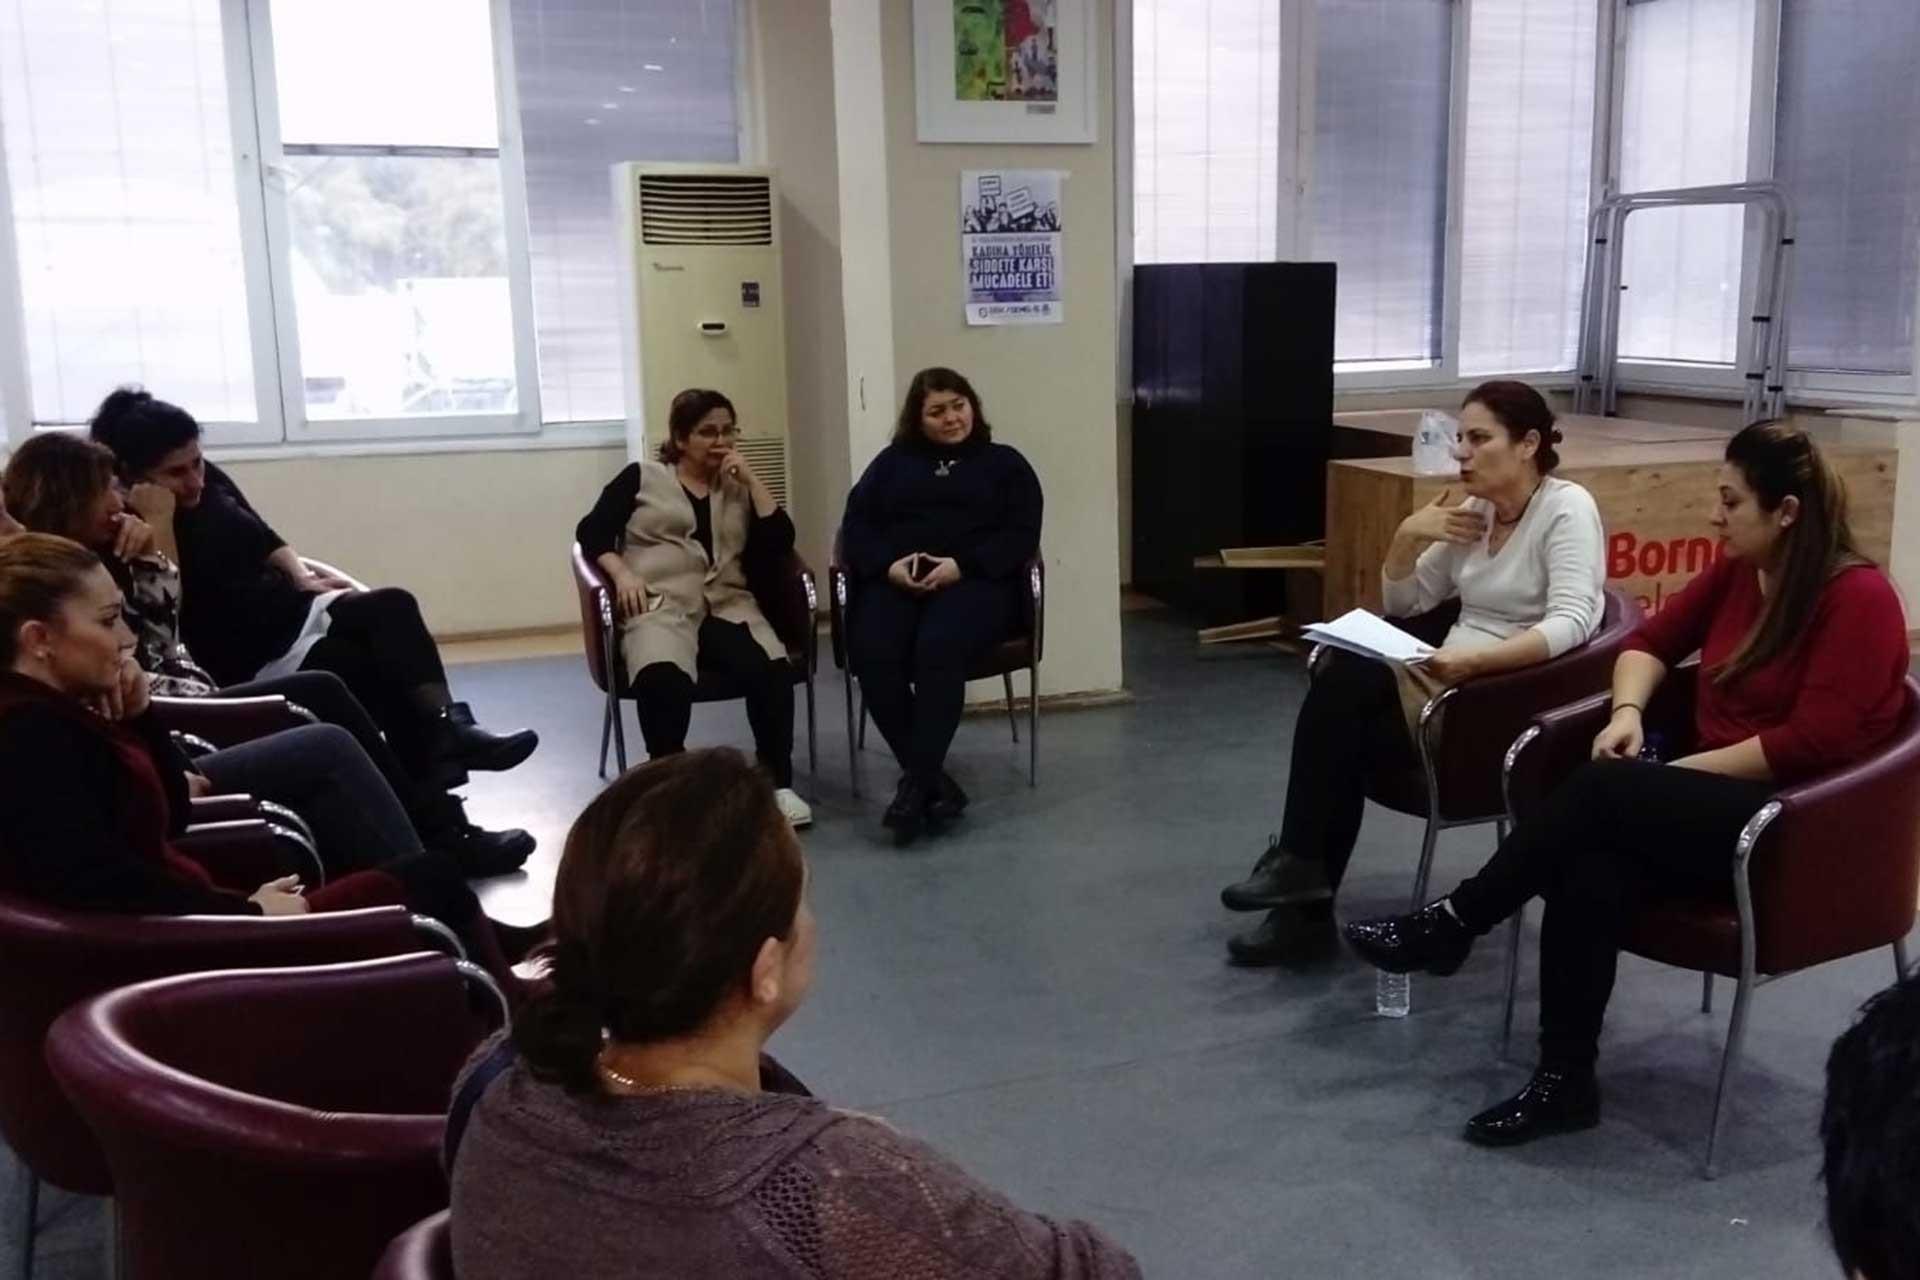 Genel İş üyesi kadınlar söyleşide bir araya geldi.